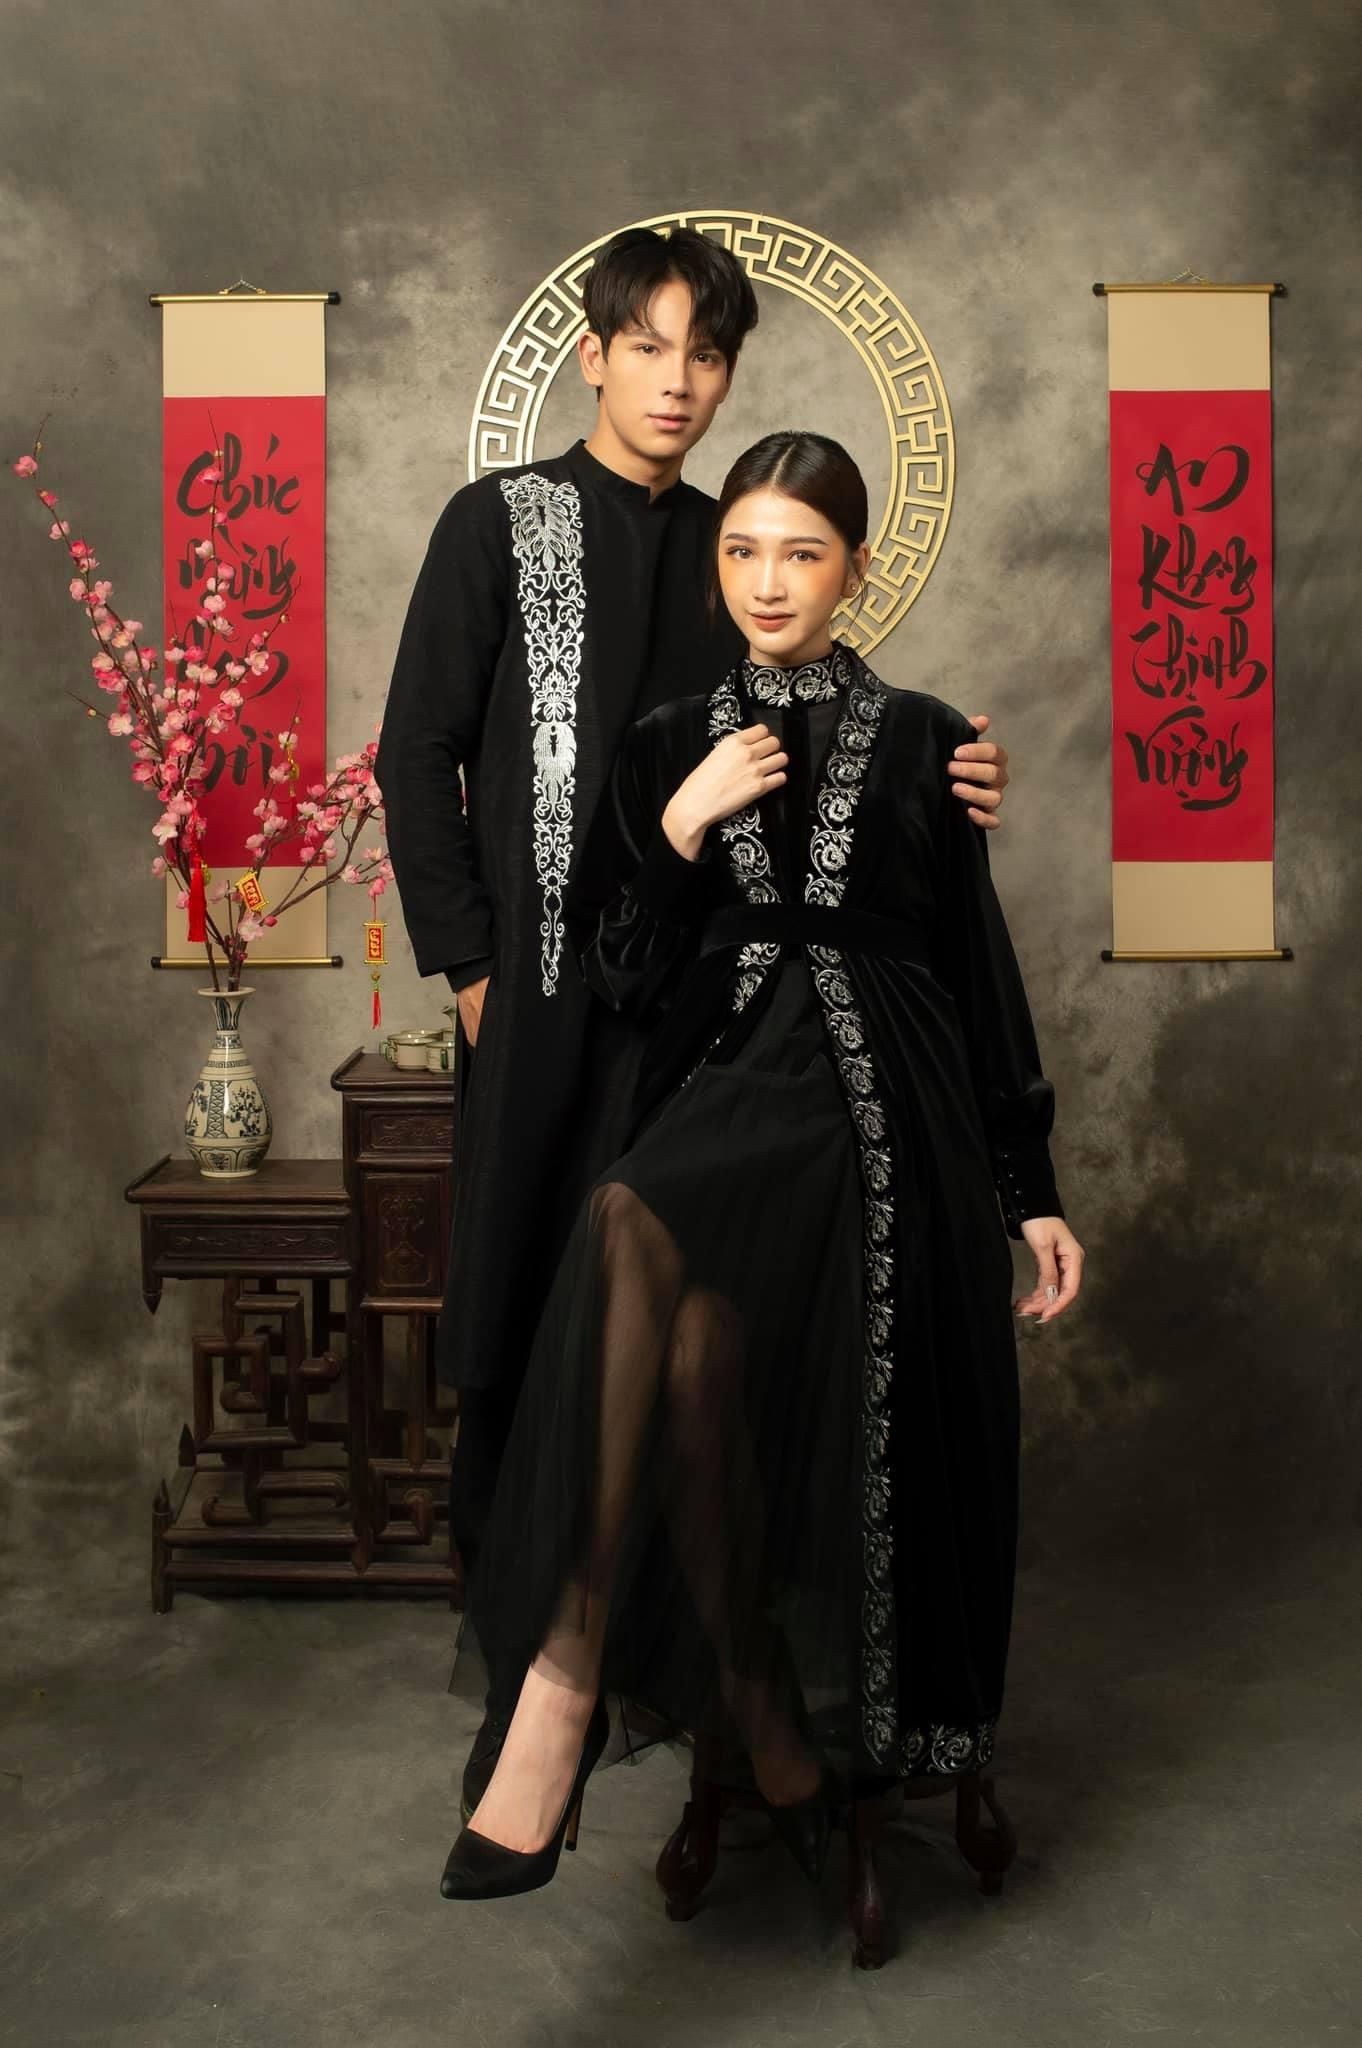 """Các tín đồ thời trang Việt """"rần rần"""" với thương hiệu thời trang thiết kế Witch by Hatoxu - Ảnh 6."""